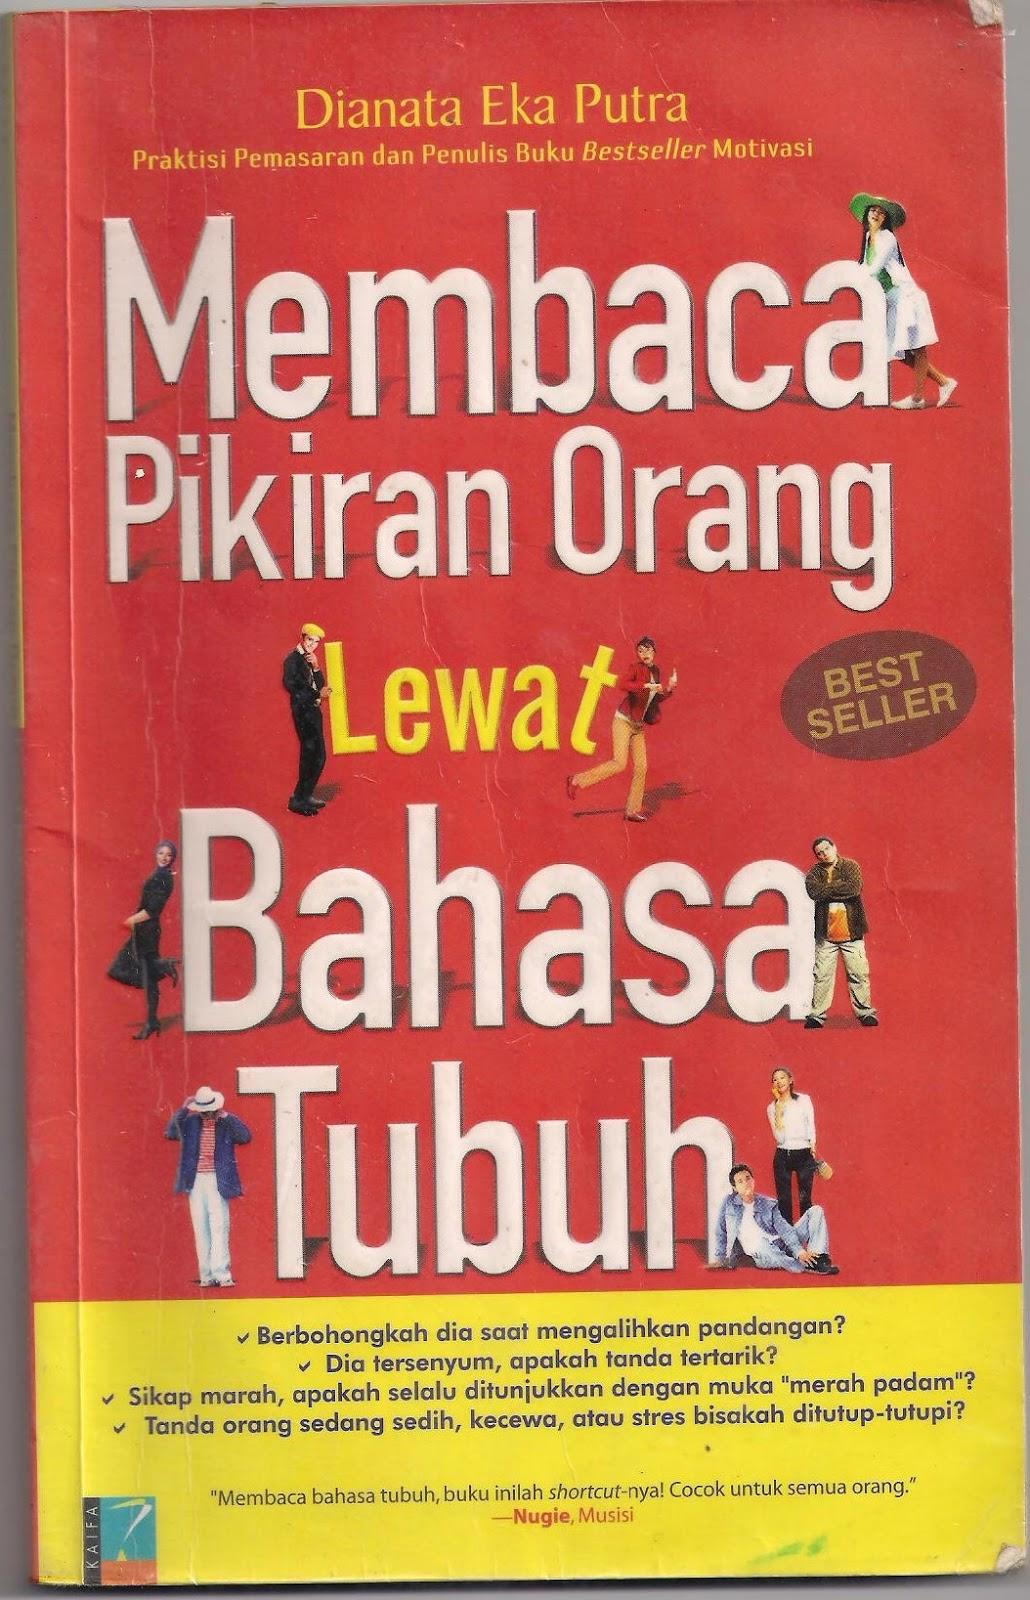 Judul Buku Non Fiksi : judul, fiksi, Abp_panrita:, Resensi, Nonfiksi:, Membaca, Pikiran, Orang, Lewat, Bahasa, Tubuh